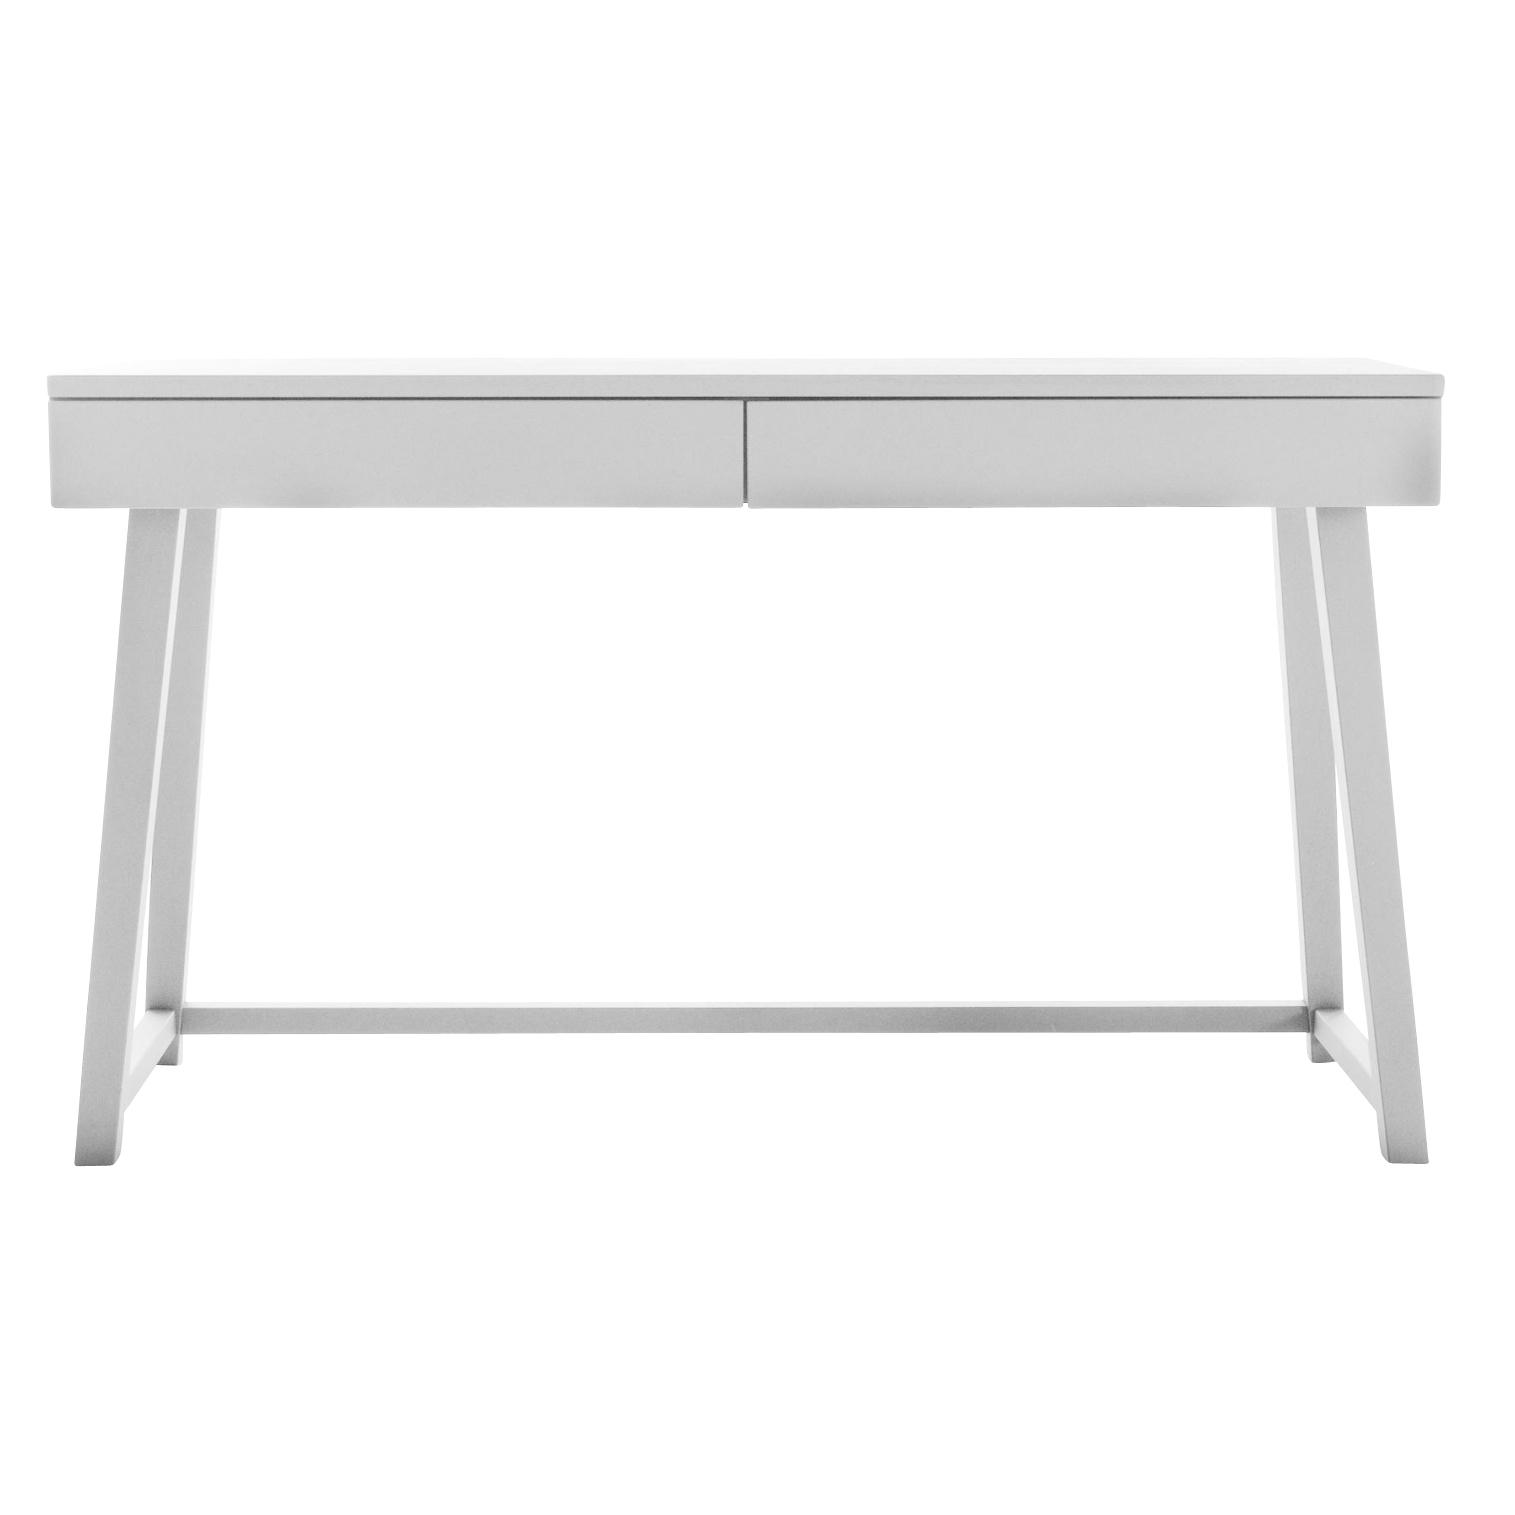 Nussbaum Weiss Schreibtische Online Kaufen Möbel Suchmaschine